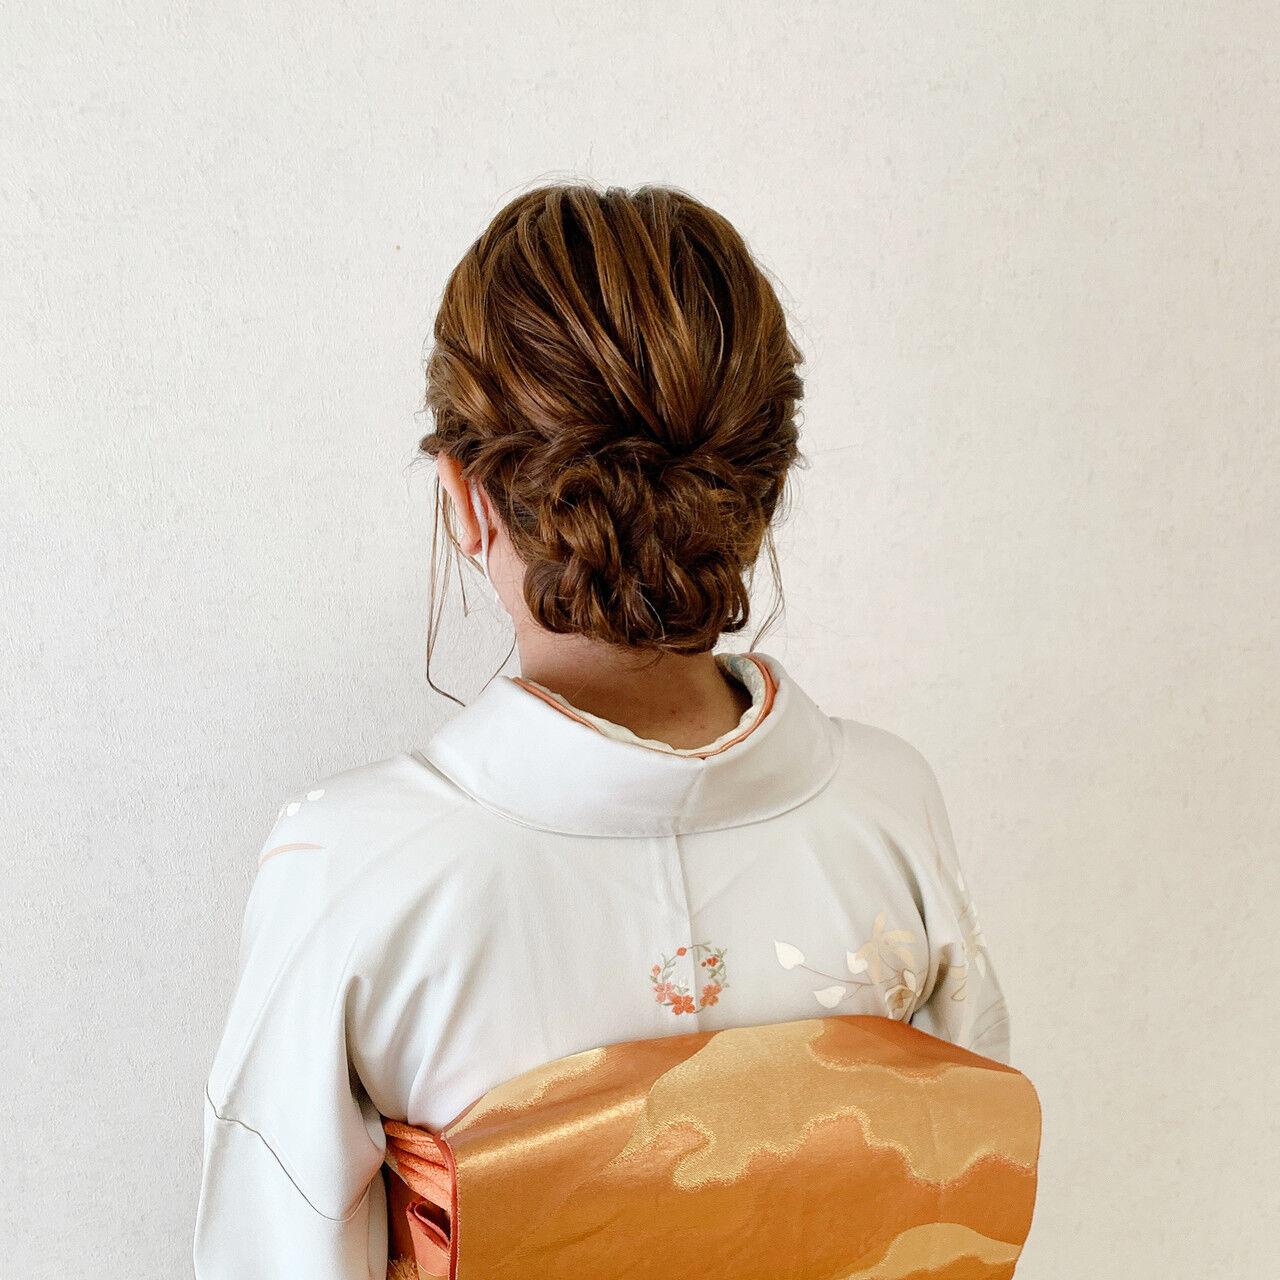 ミディアム エレガント 着物 和装ヘアヘアスタイルや髪型の写真・画像